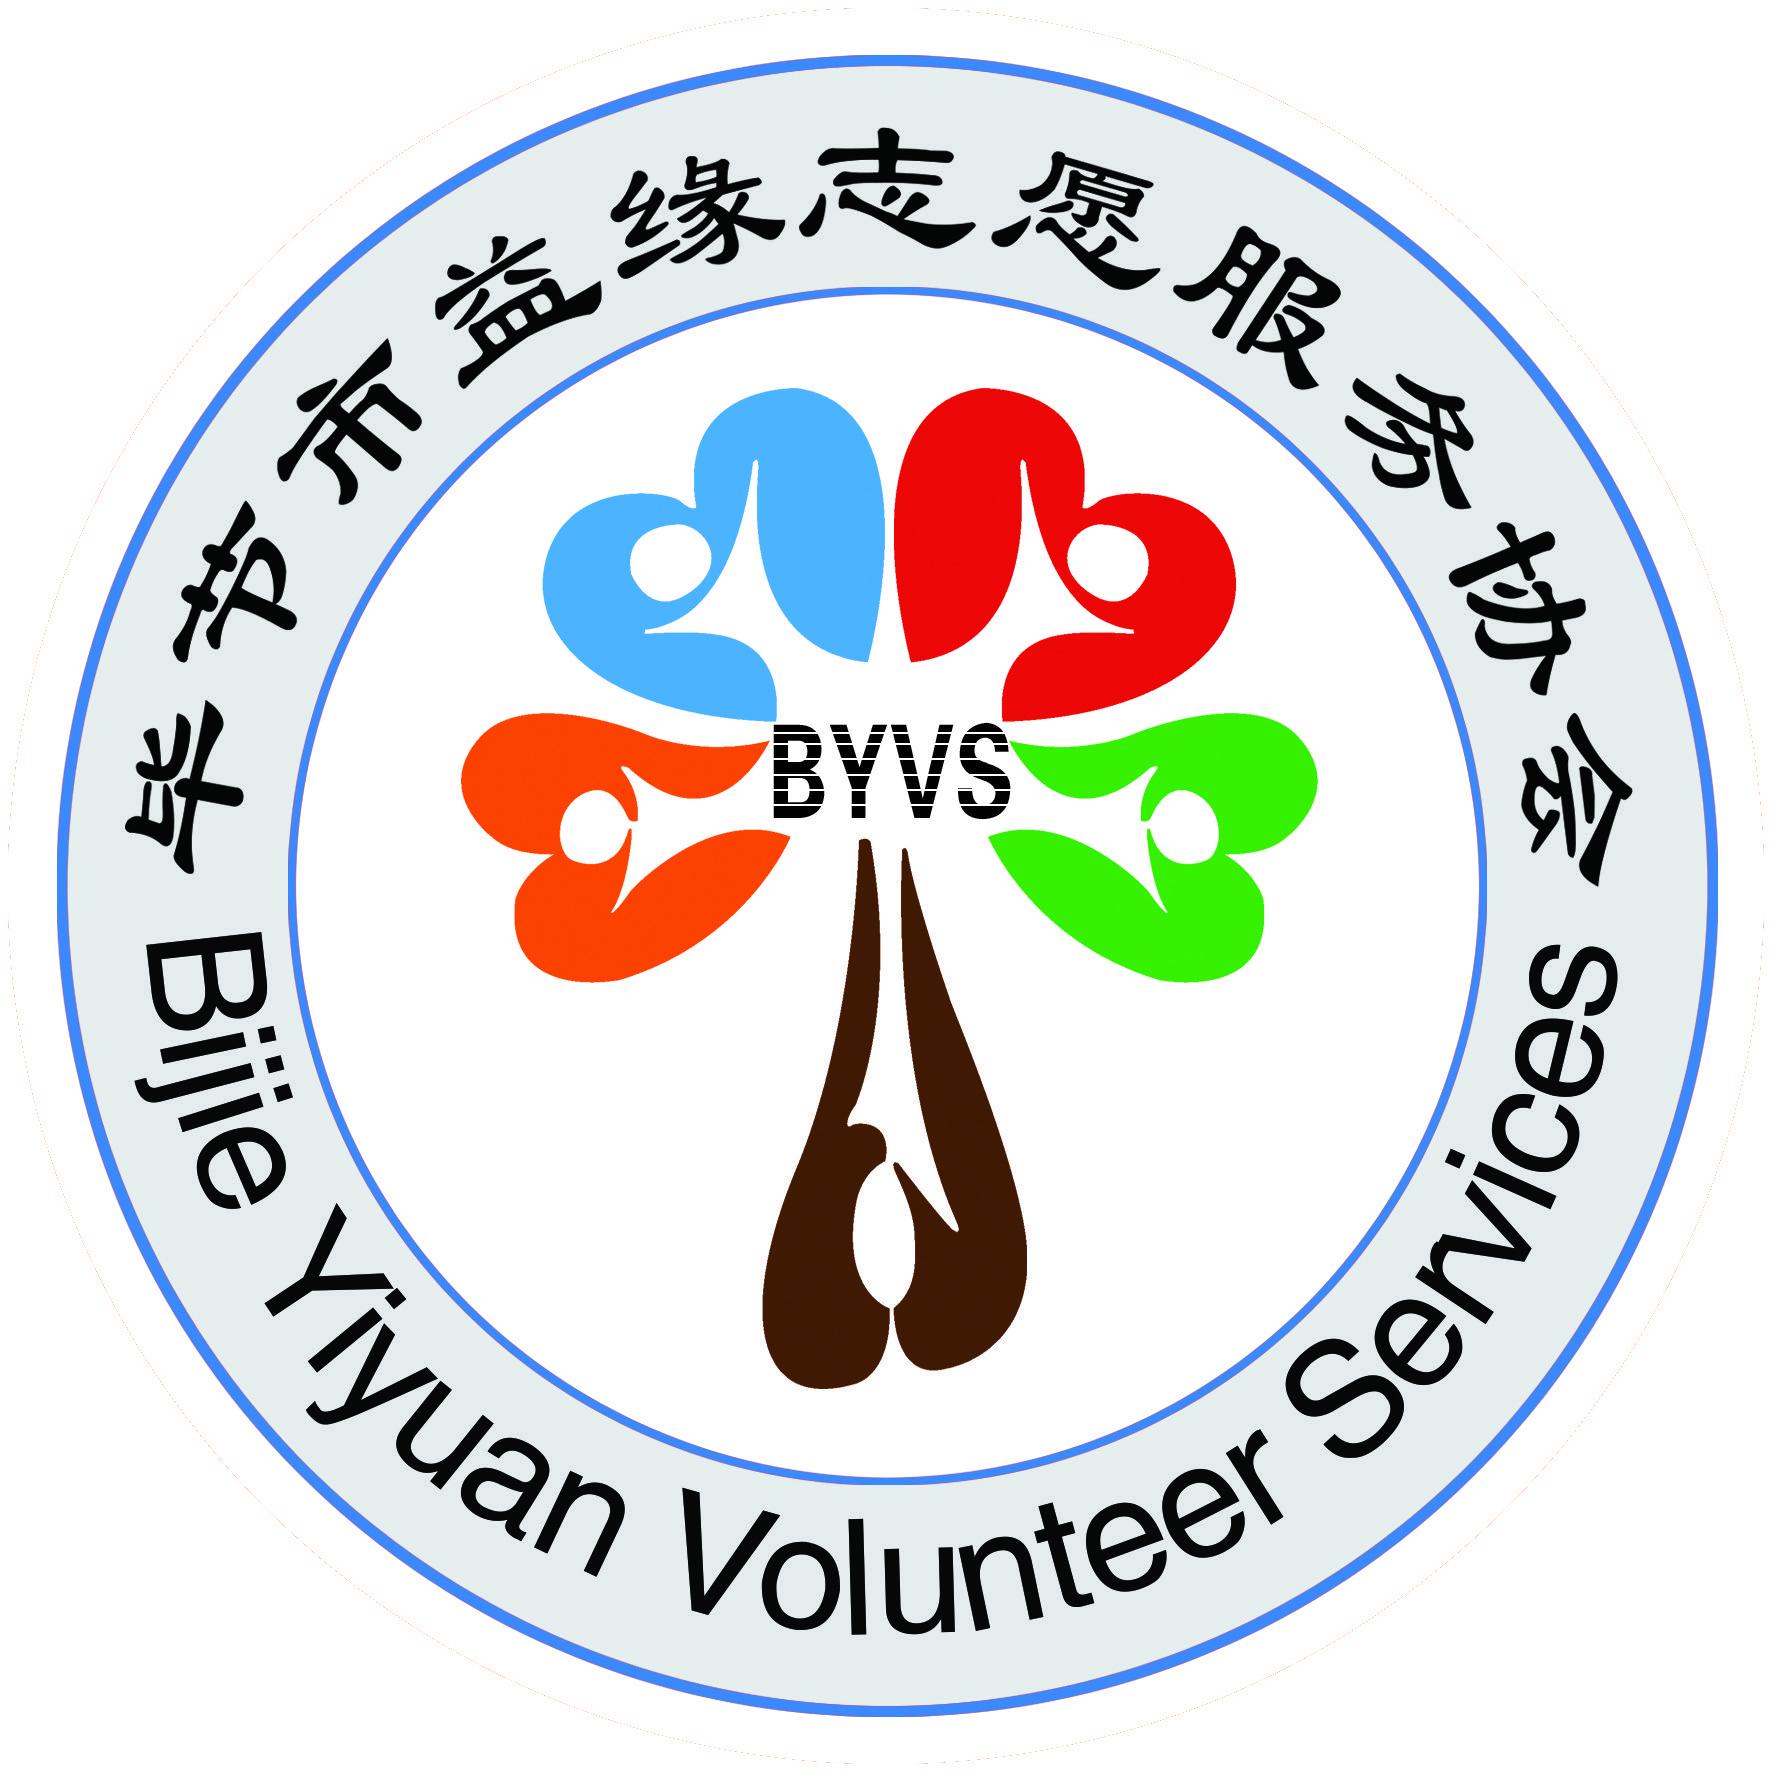 毕节市益缘志愿服务协会